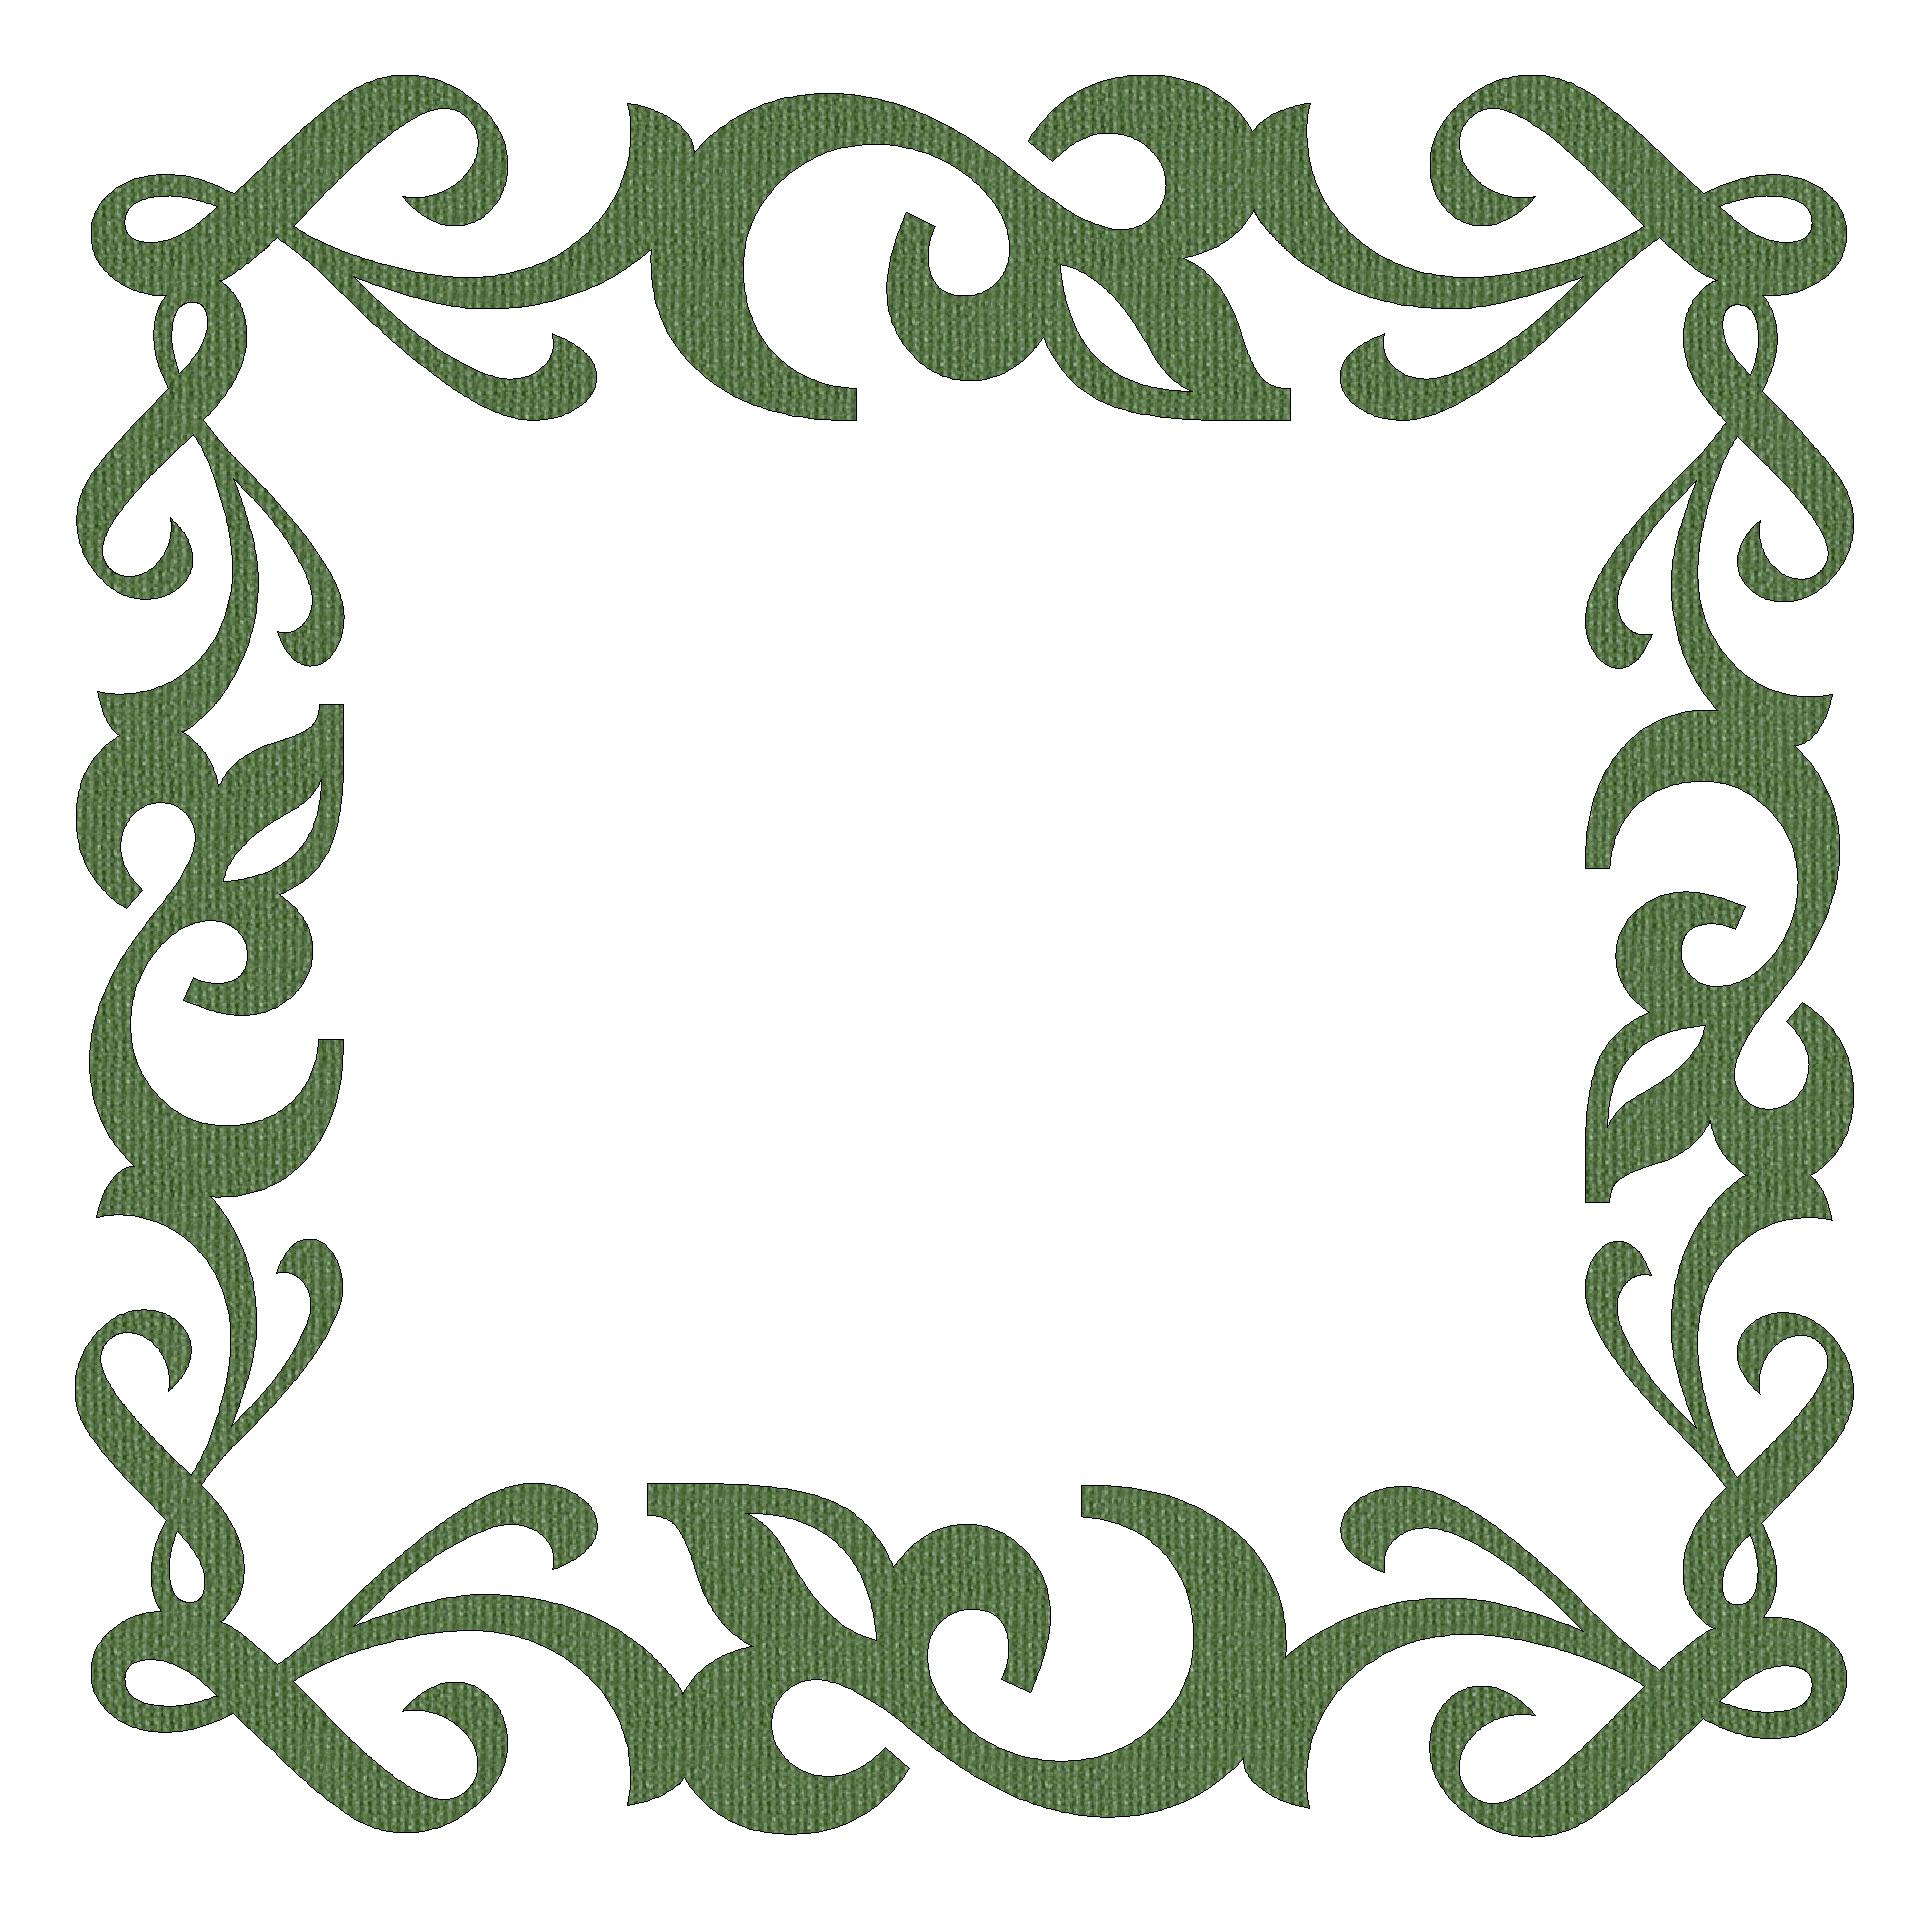 Elegant border frame clipart graphic stock Elegant Christmas Border Clipart - Clipart Kid graphic stock